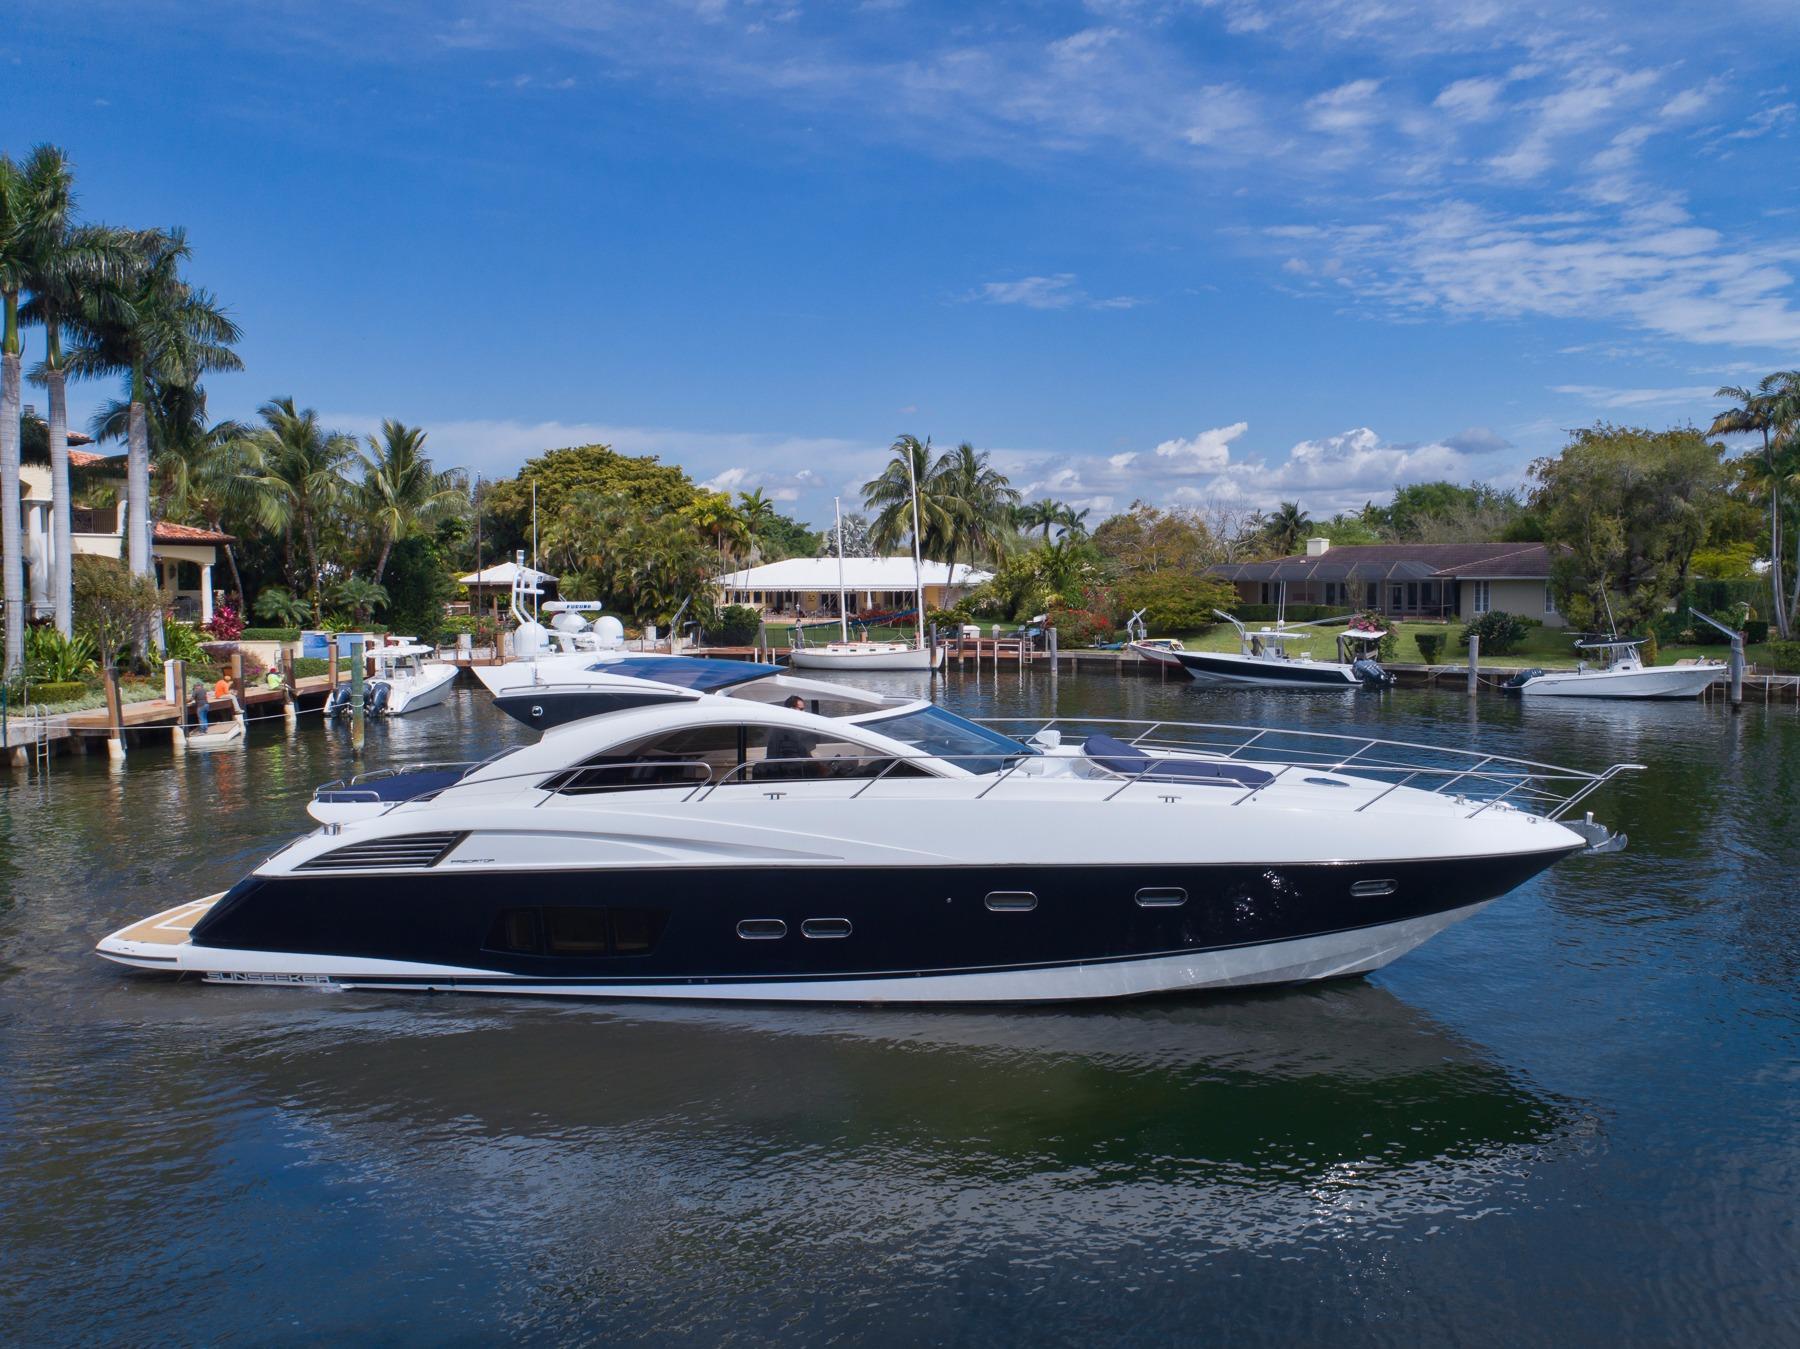 60 Sunseeker Le Poulet Ii 2011 Miami Denison Yacht Sales